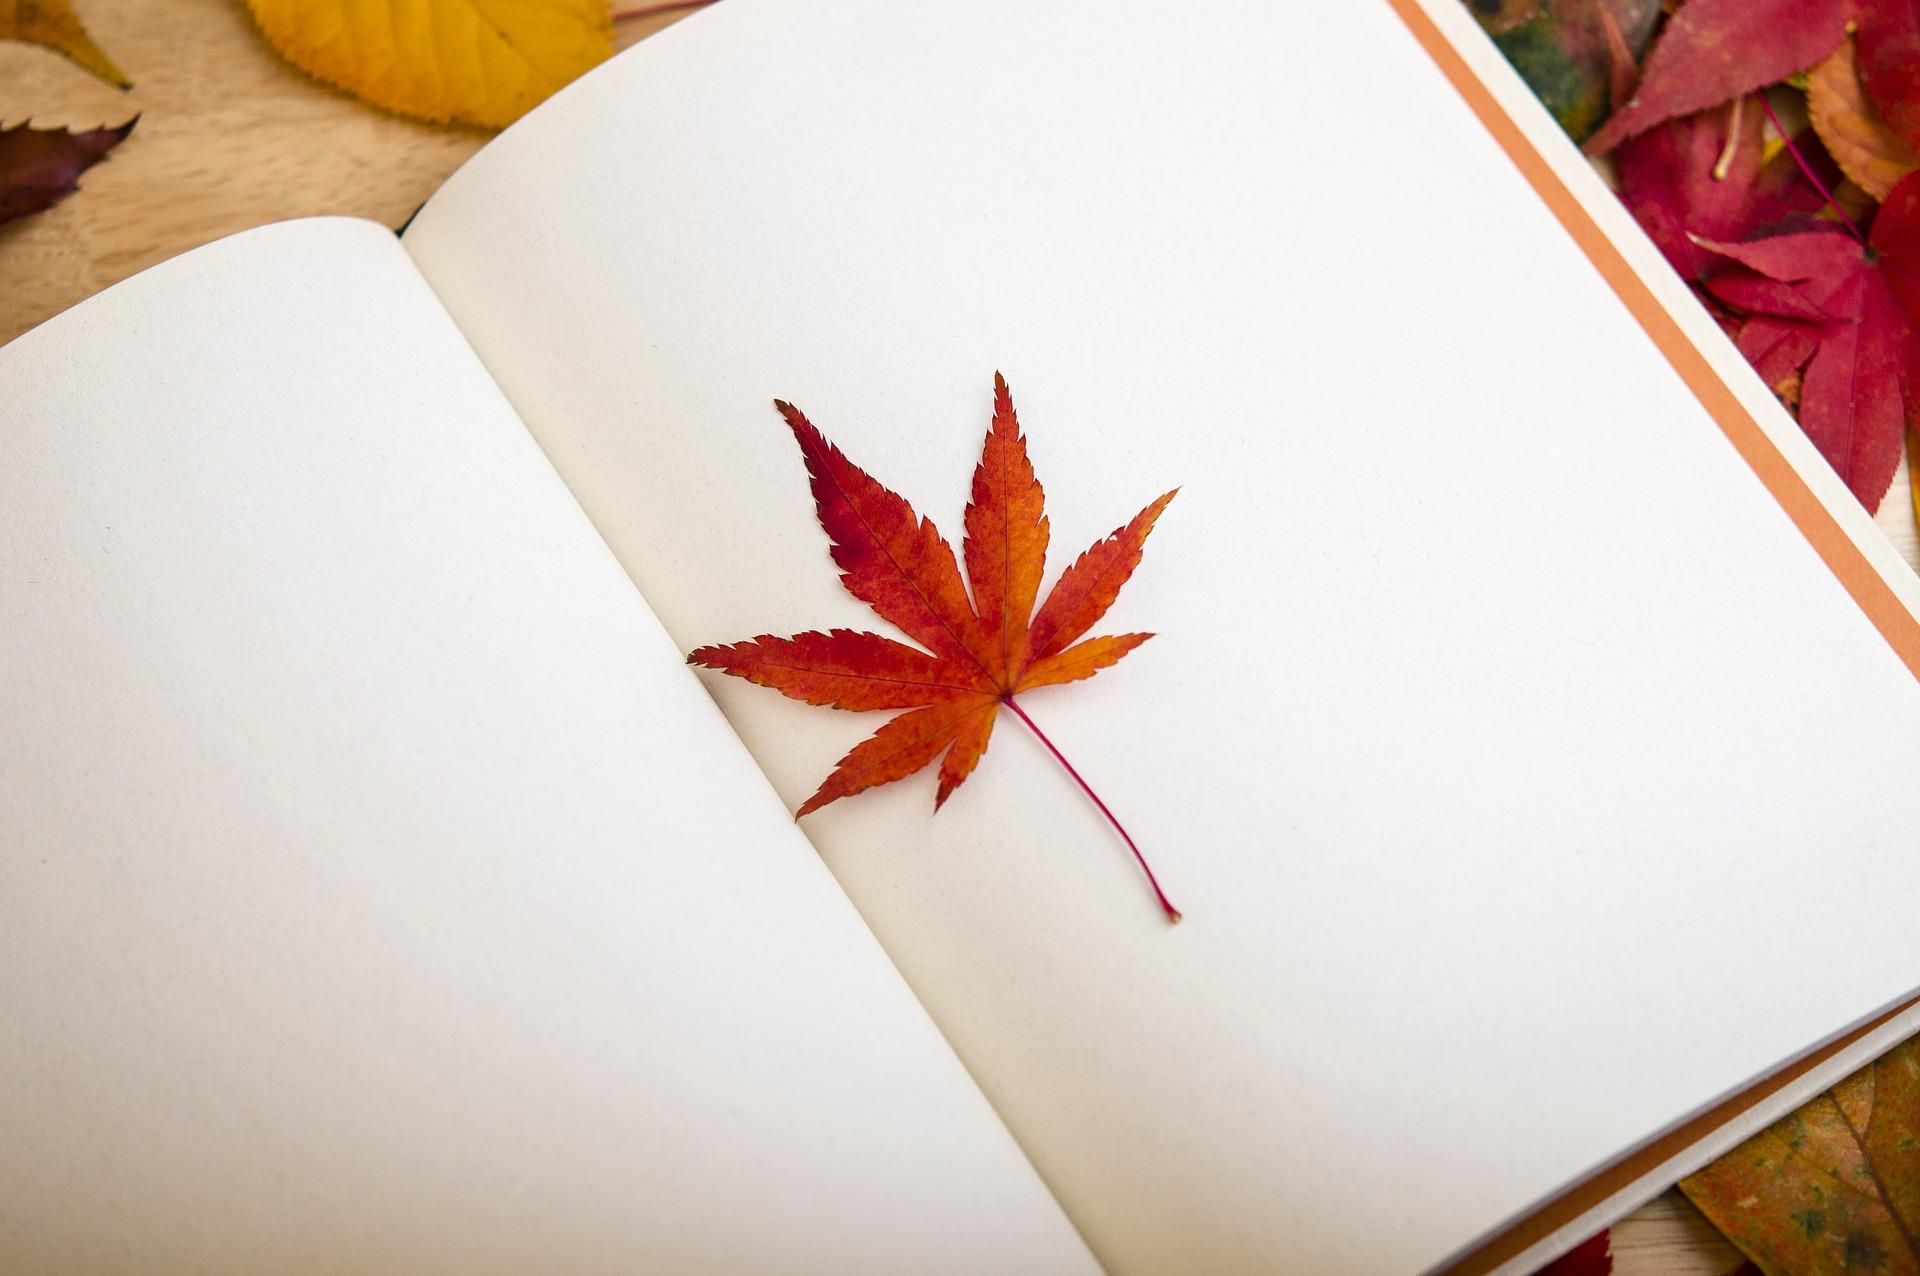 读书会 - 每个月我们都会读一本书。请点击每个月的书目介绍加入书目讨论。祝大家阅读愉快!